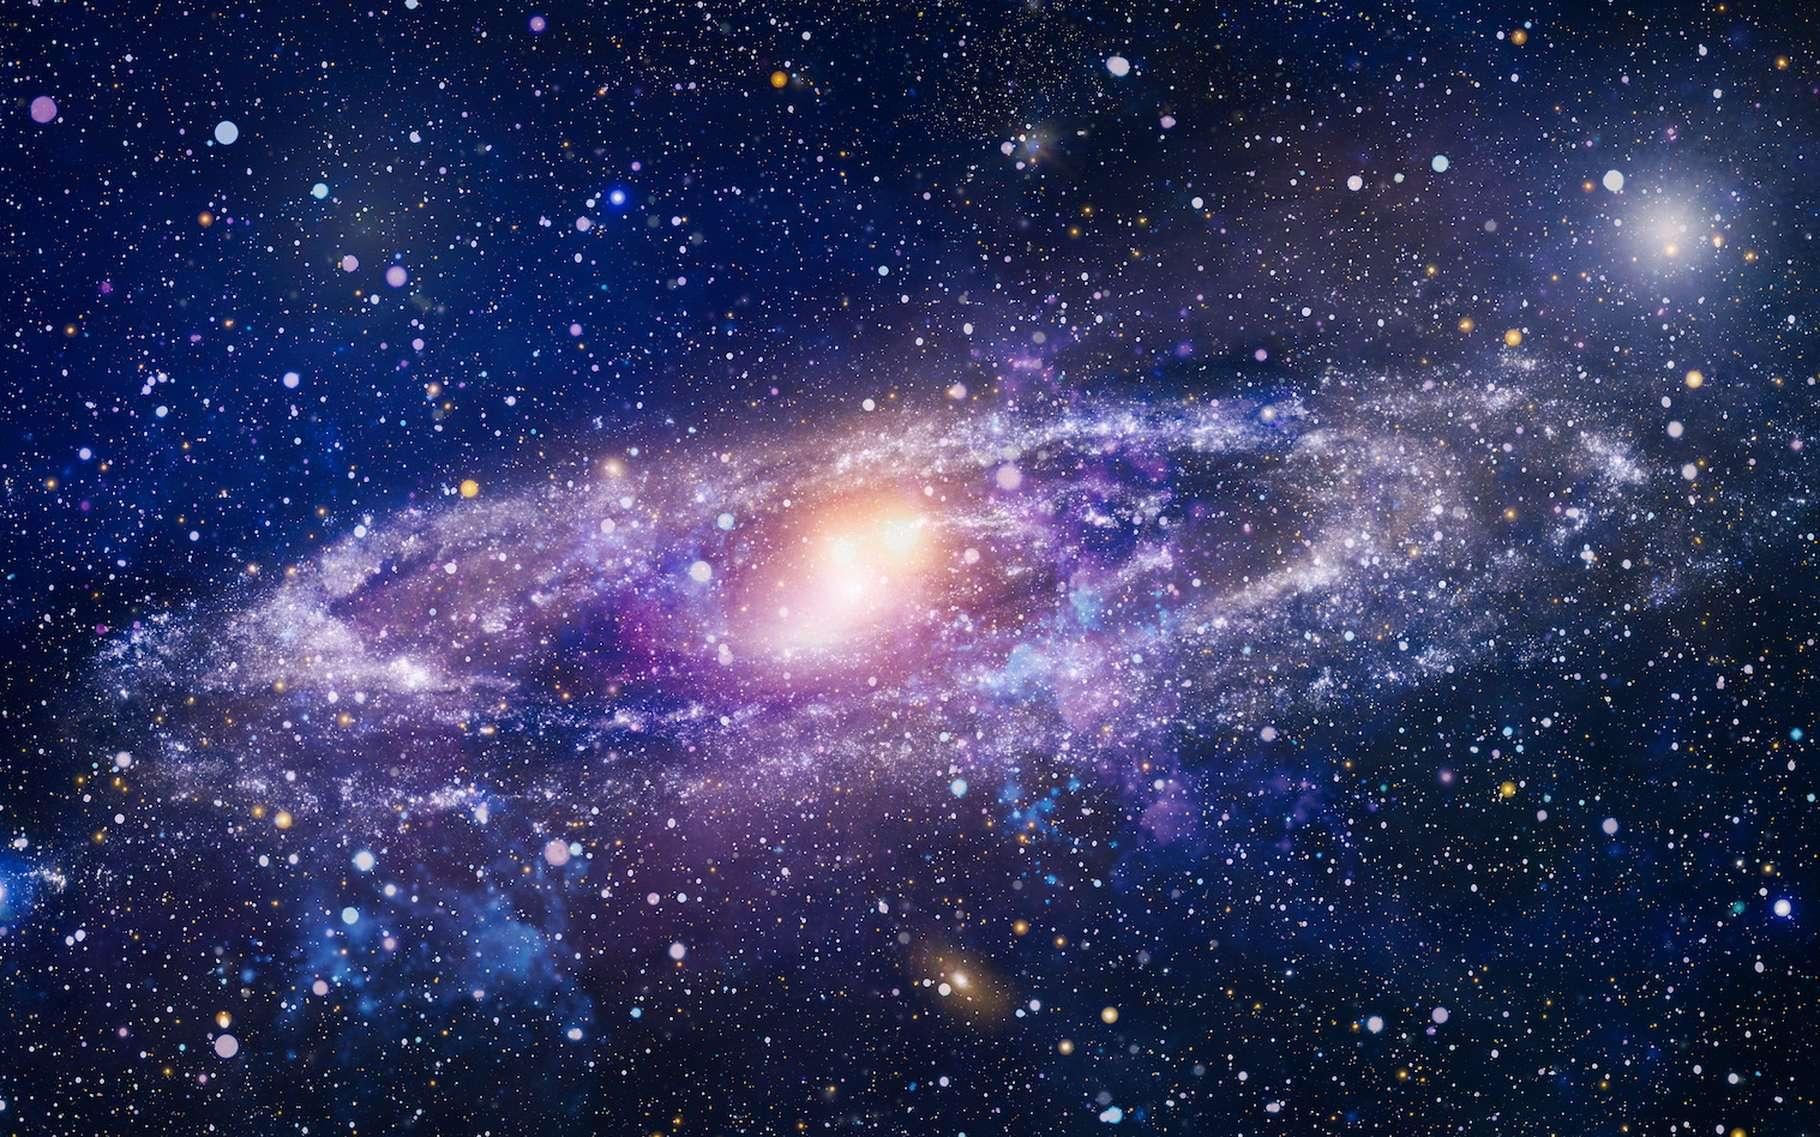 Selon les calculs des astronomes, il manque de la matière à notre Univers. Les étoiles seules ne font pas le compte. Mais aujourd'hui, une équipe est enfin parvenue à observer une partie de celle que les chercheurs désignent sous le terme de matière manquante. Dans un halo de gaz entourant une galaxie. © Maximusdn, Adobe Stock